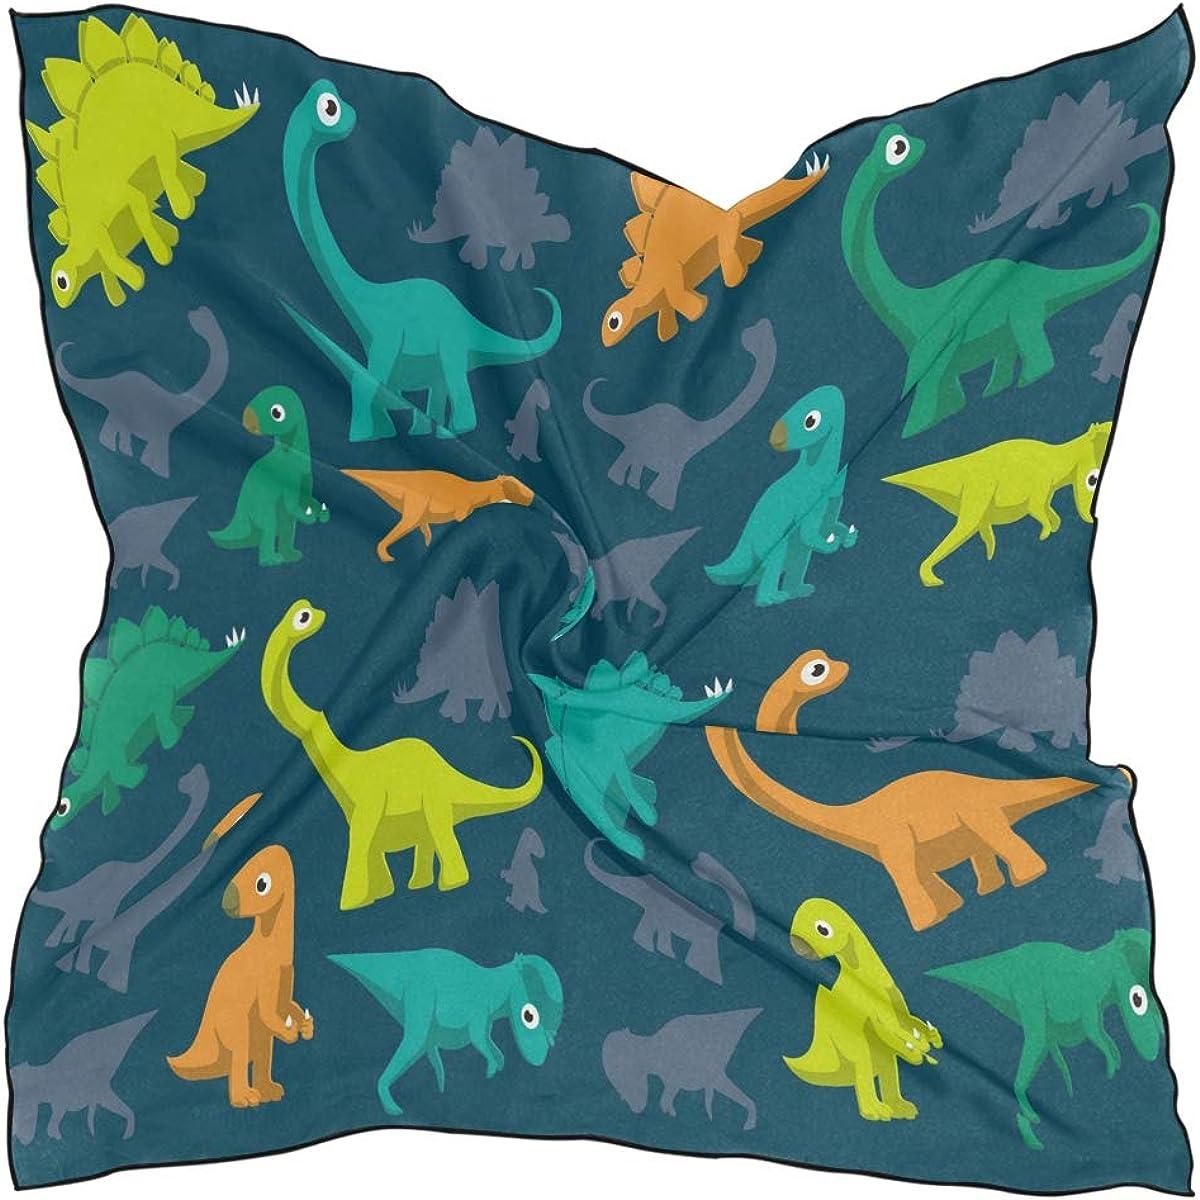 NaiiaN Pañuelos de cabeza cuadrada para mujer Señoras Caballo Patrón de dinosaurios de dibujos animados lindo Pañuelo 60 × 60 CM Bufanda chal de impresión ligera